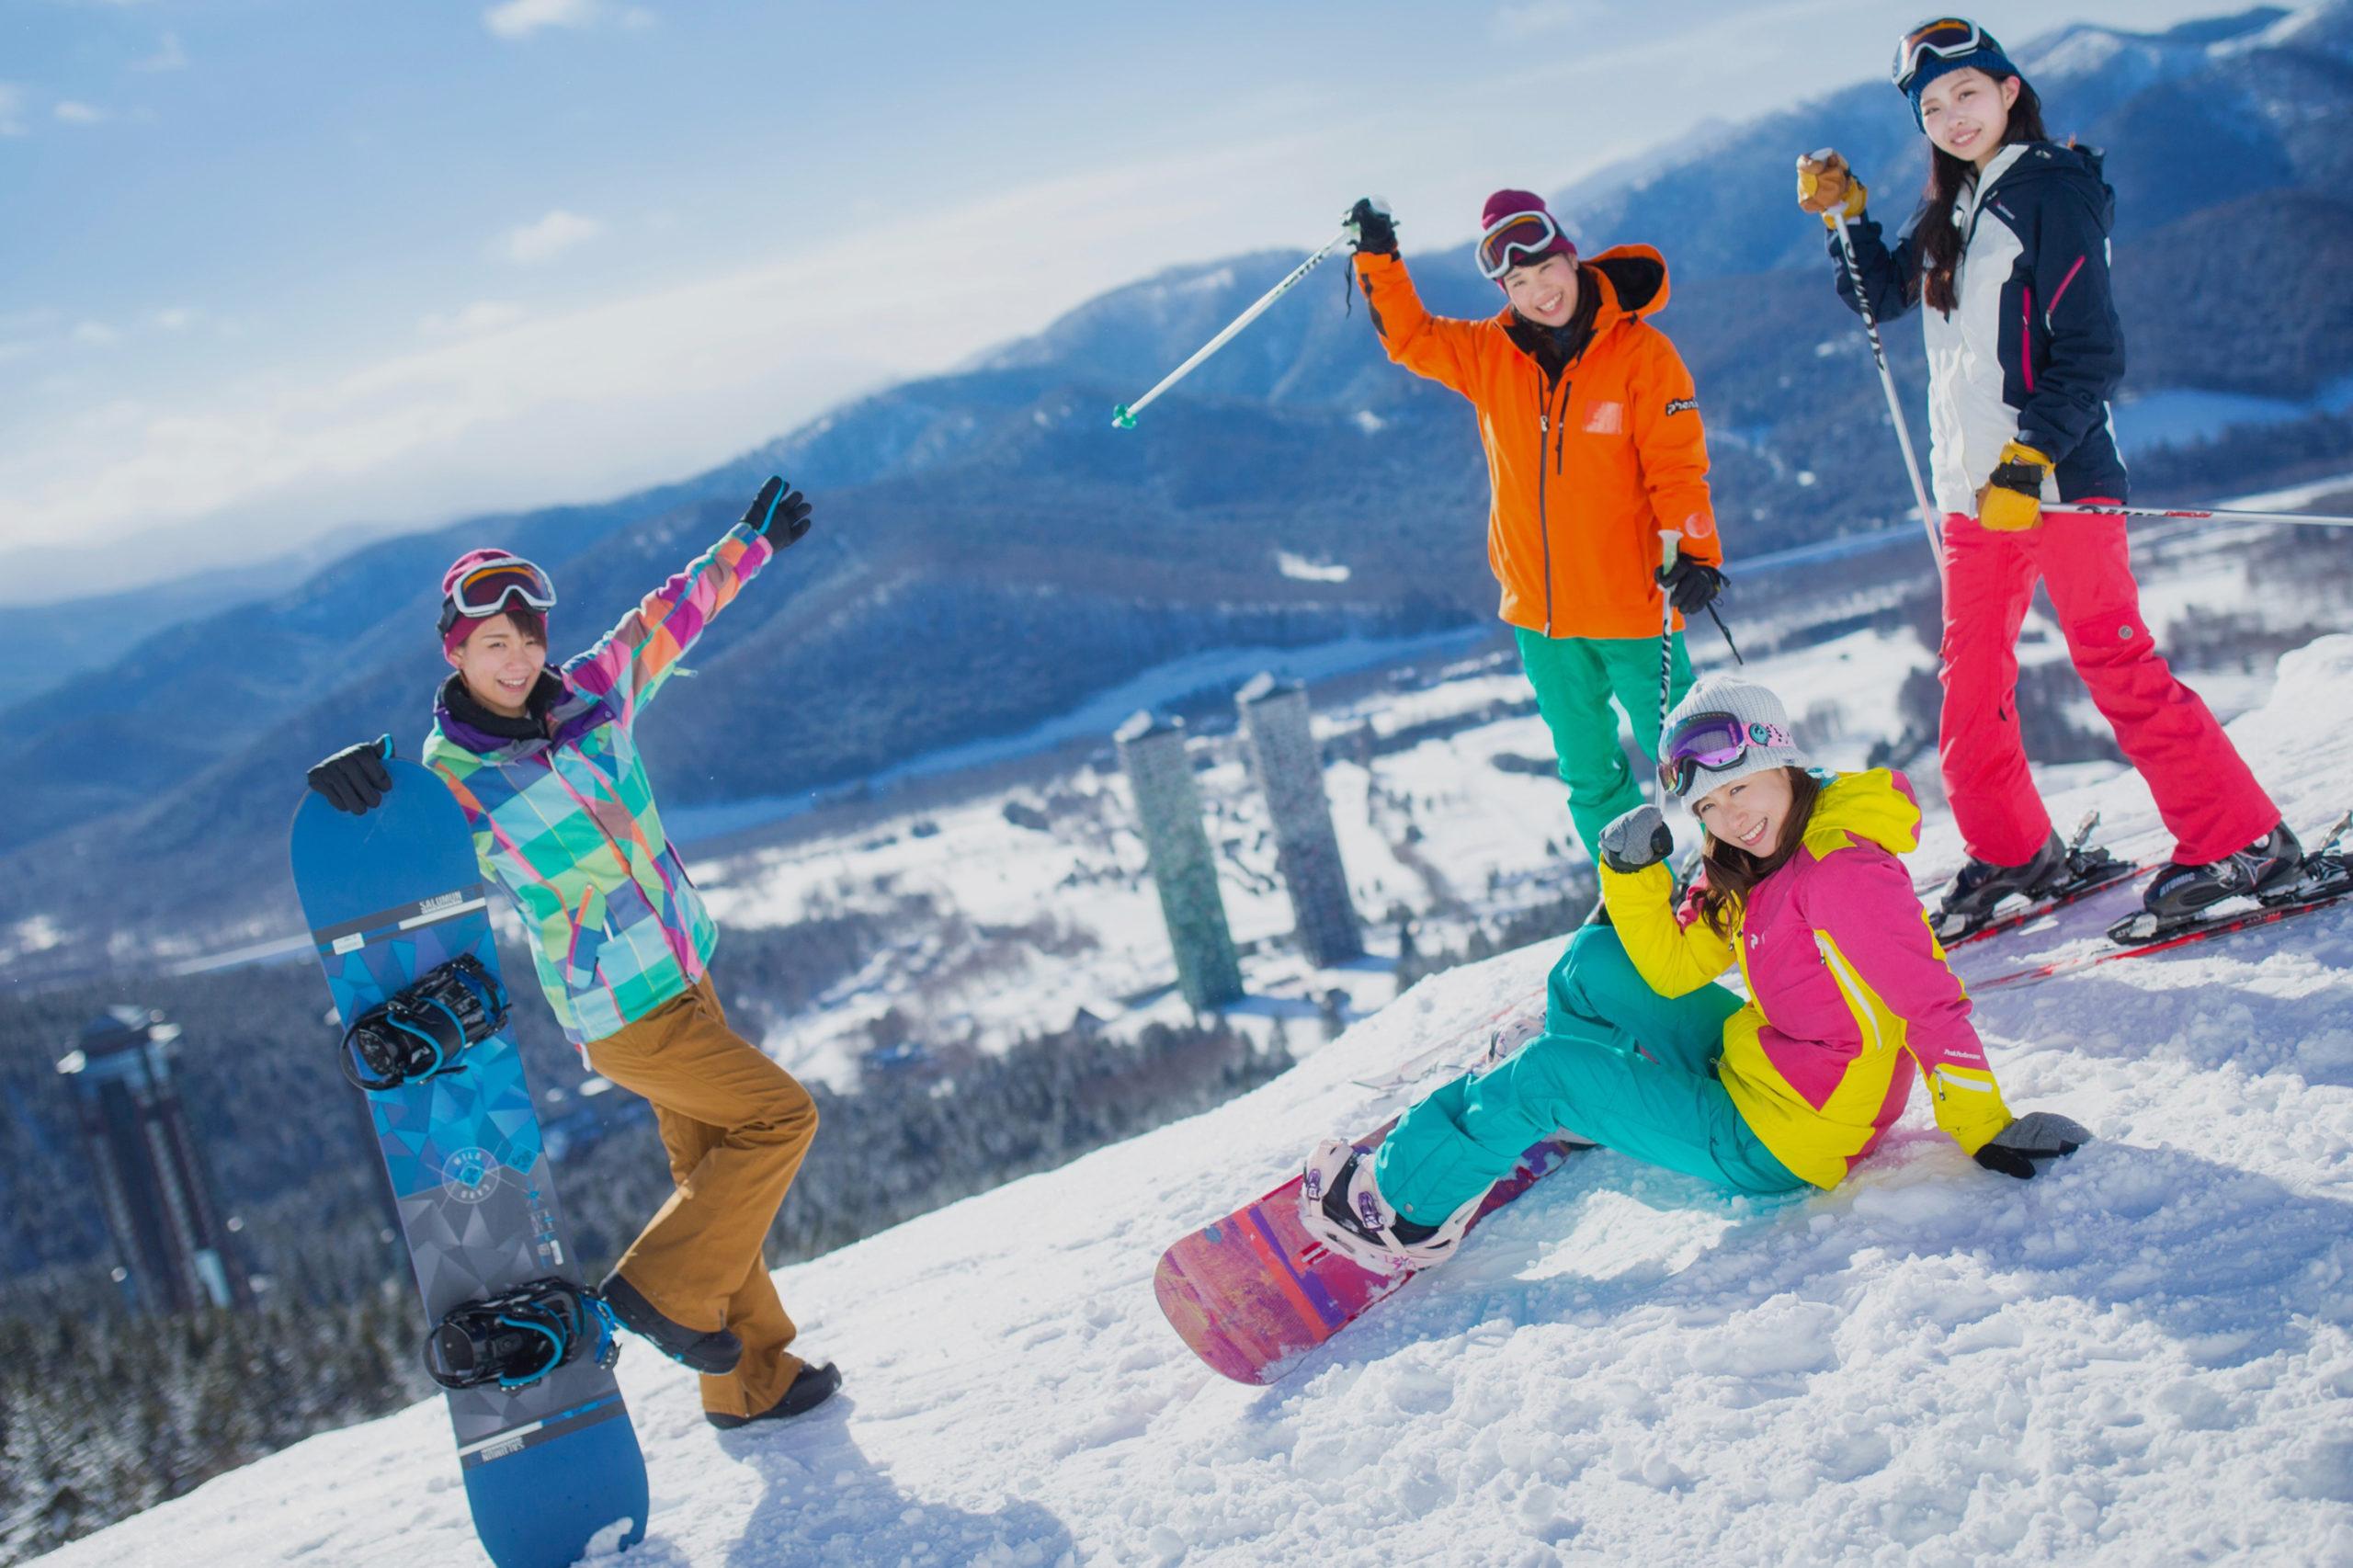 A sunny ski day at a Ski resort in Japan